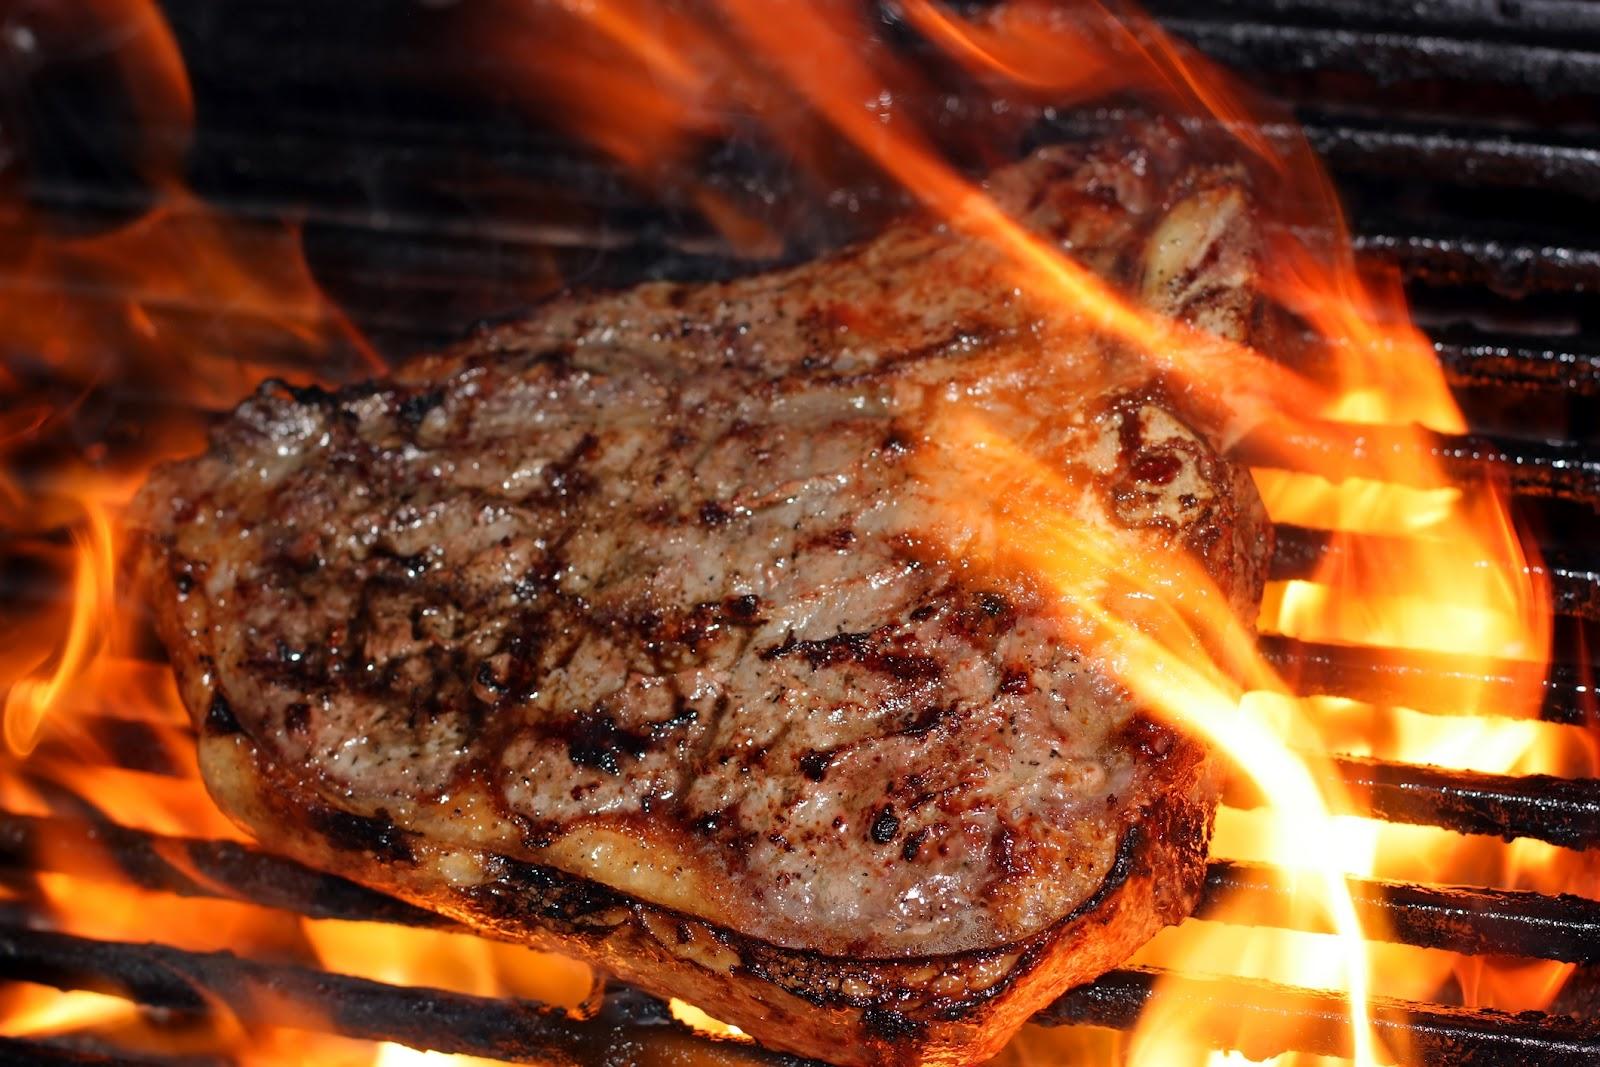 סכנות בבשר על האש